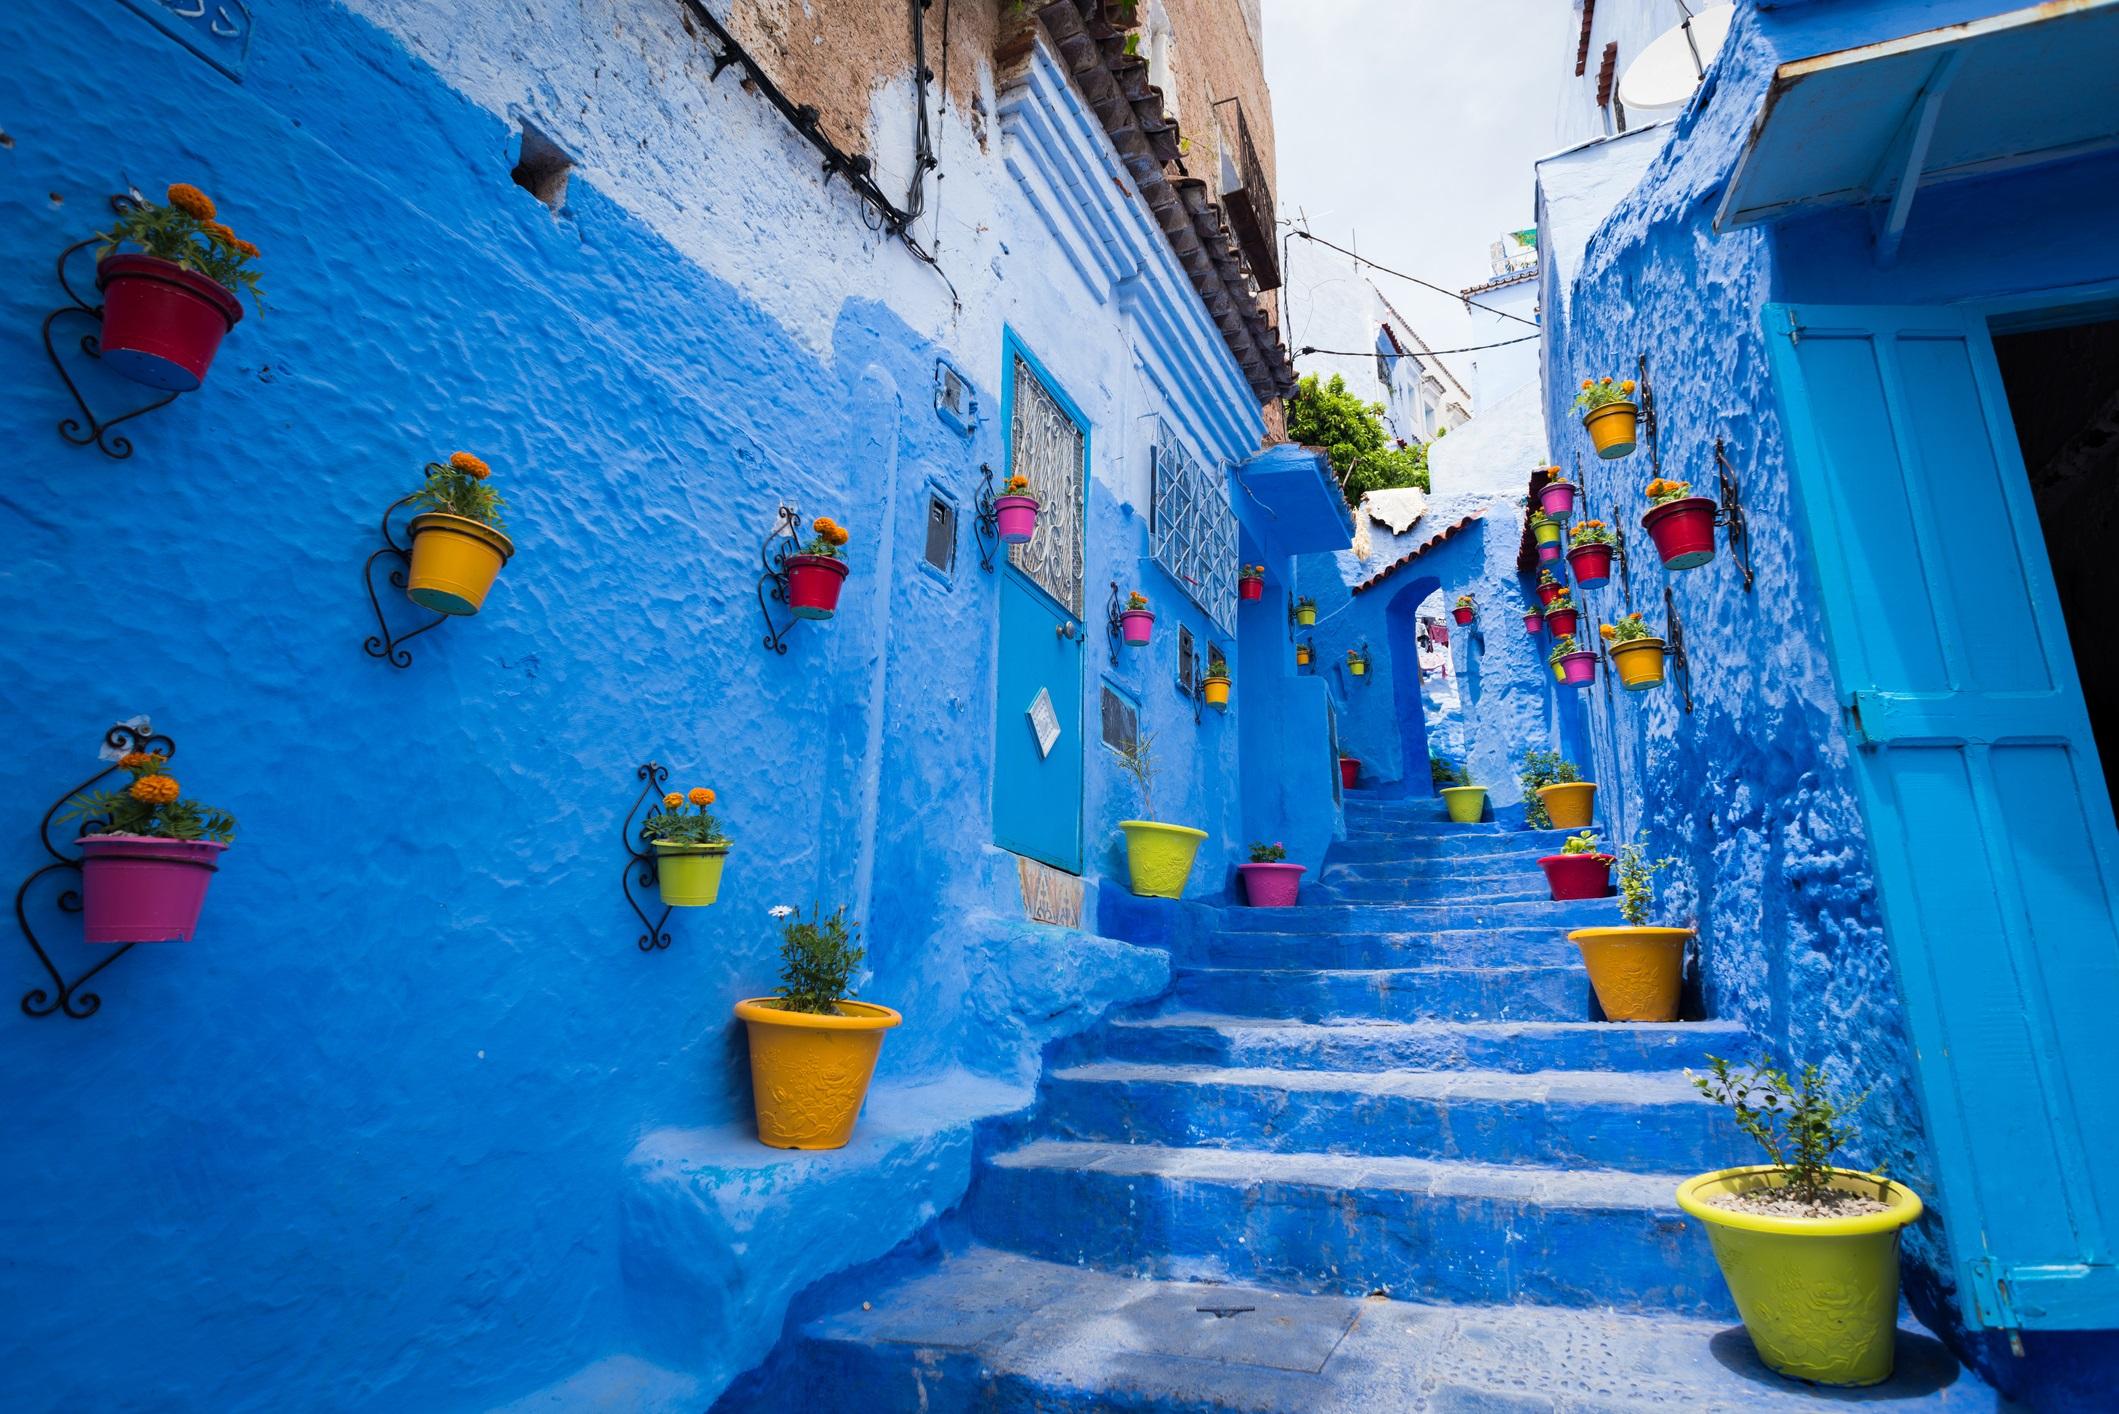 <p><strong>Шефшауен, Мароко</strong></p>  <p>Сгушен високо в Атласките планини град Шефшауен е исторически град, известен с това, че къщите му са боядисани във всички нюанси на синия цвят. За разлика от суматохата и енергията на Маракеш, този планински град предлага възможност да се насладите на по-бавен и съзерцателен начин на живот.</p>